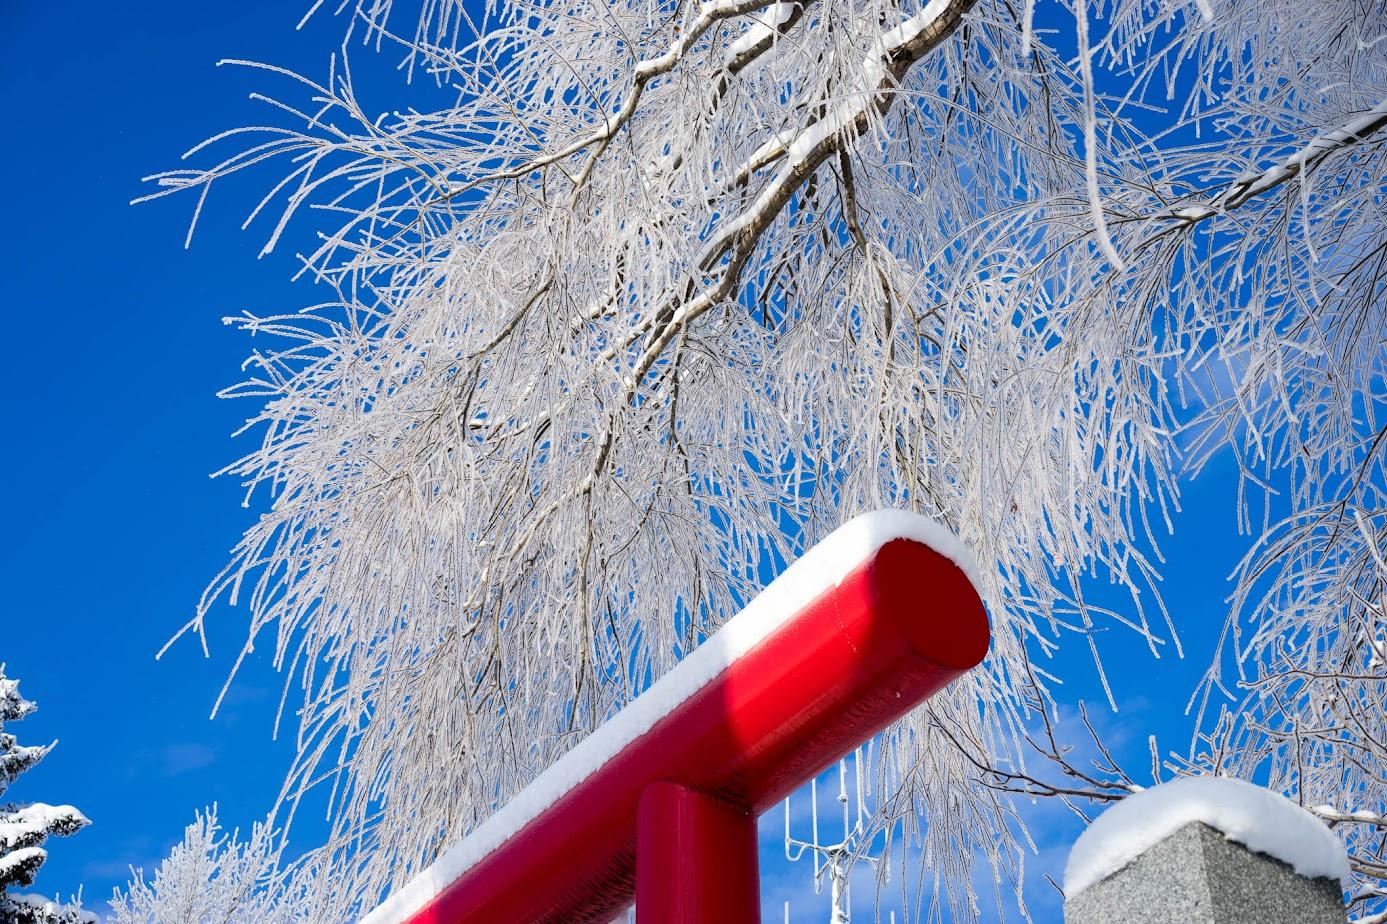 碧水神社の柳の木